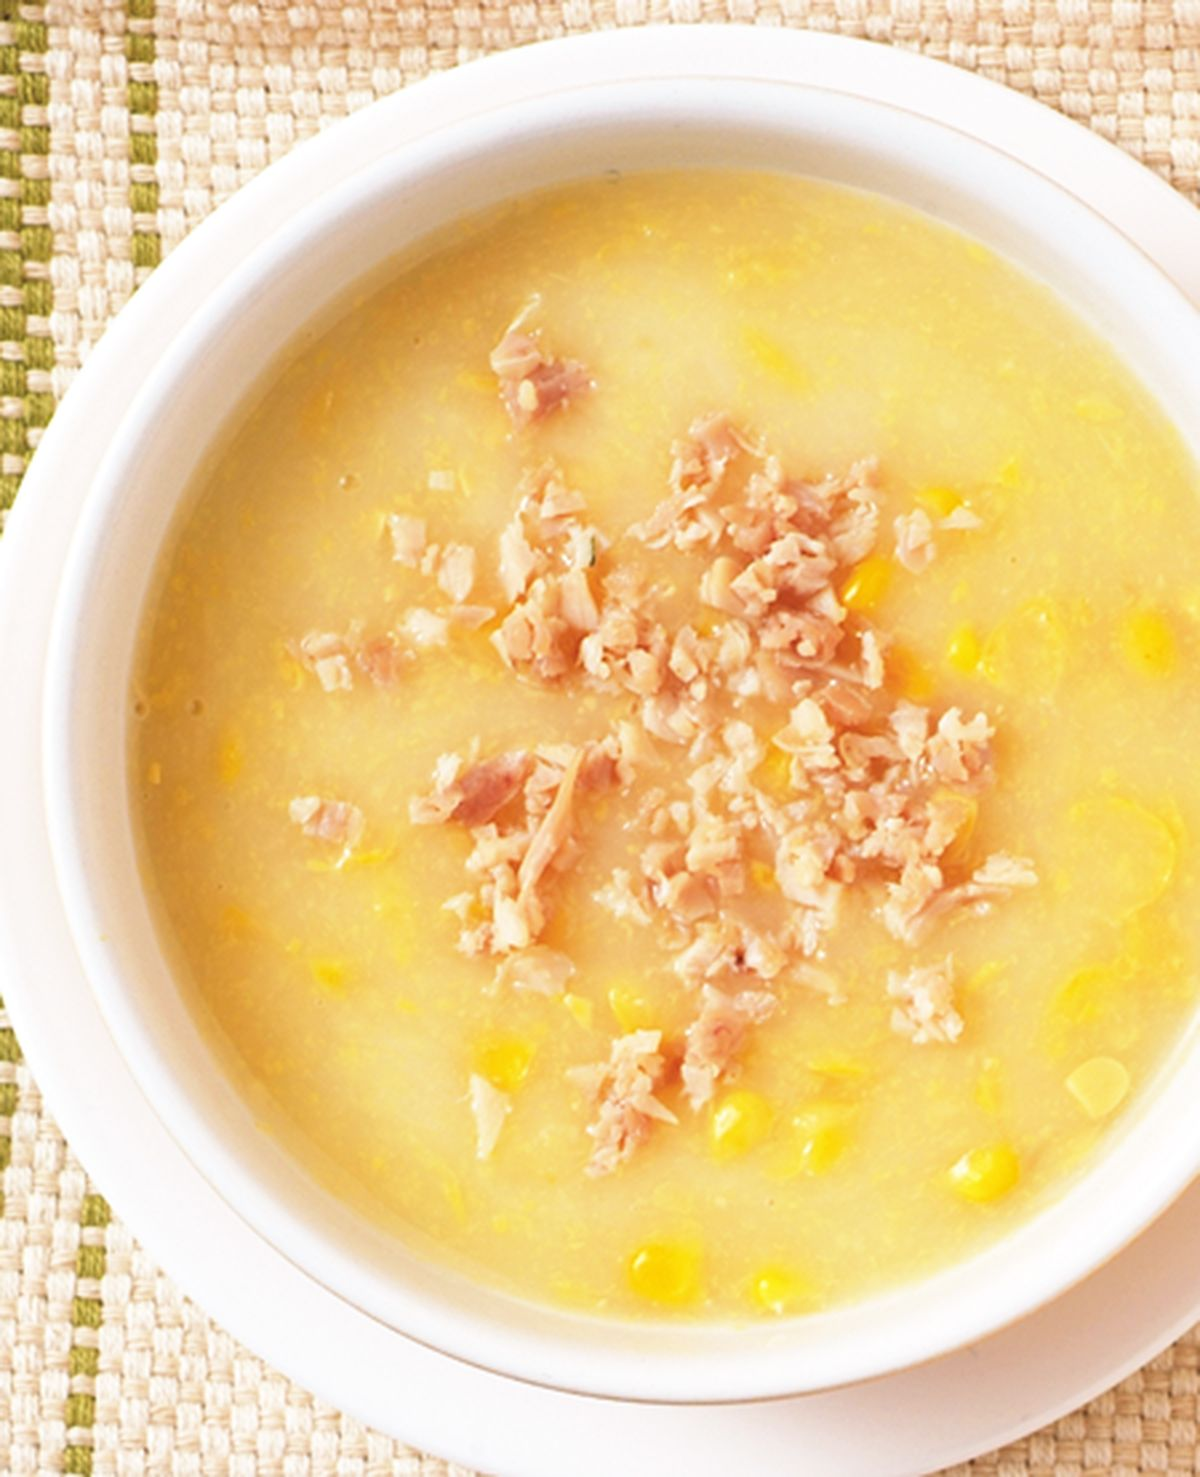 食譜:雞蓉玉米湯